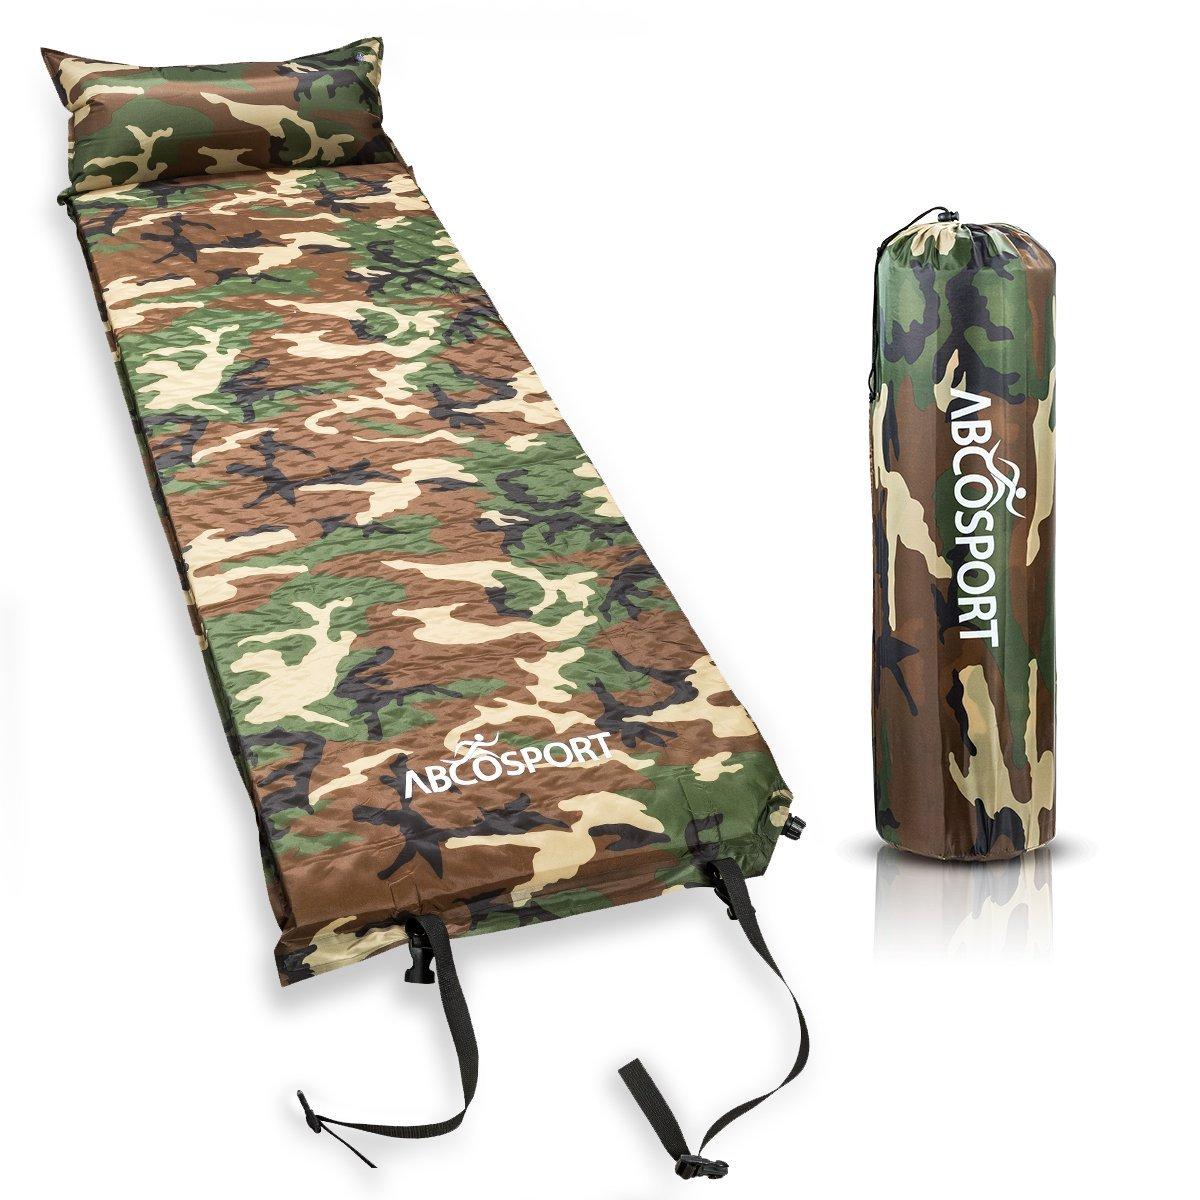 キャンプ ベッド 寝具 自動膨張 迷彩柄 屋外 アウトドア